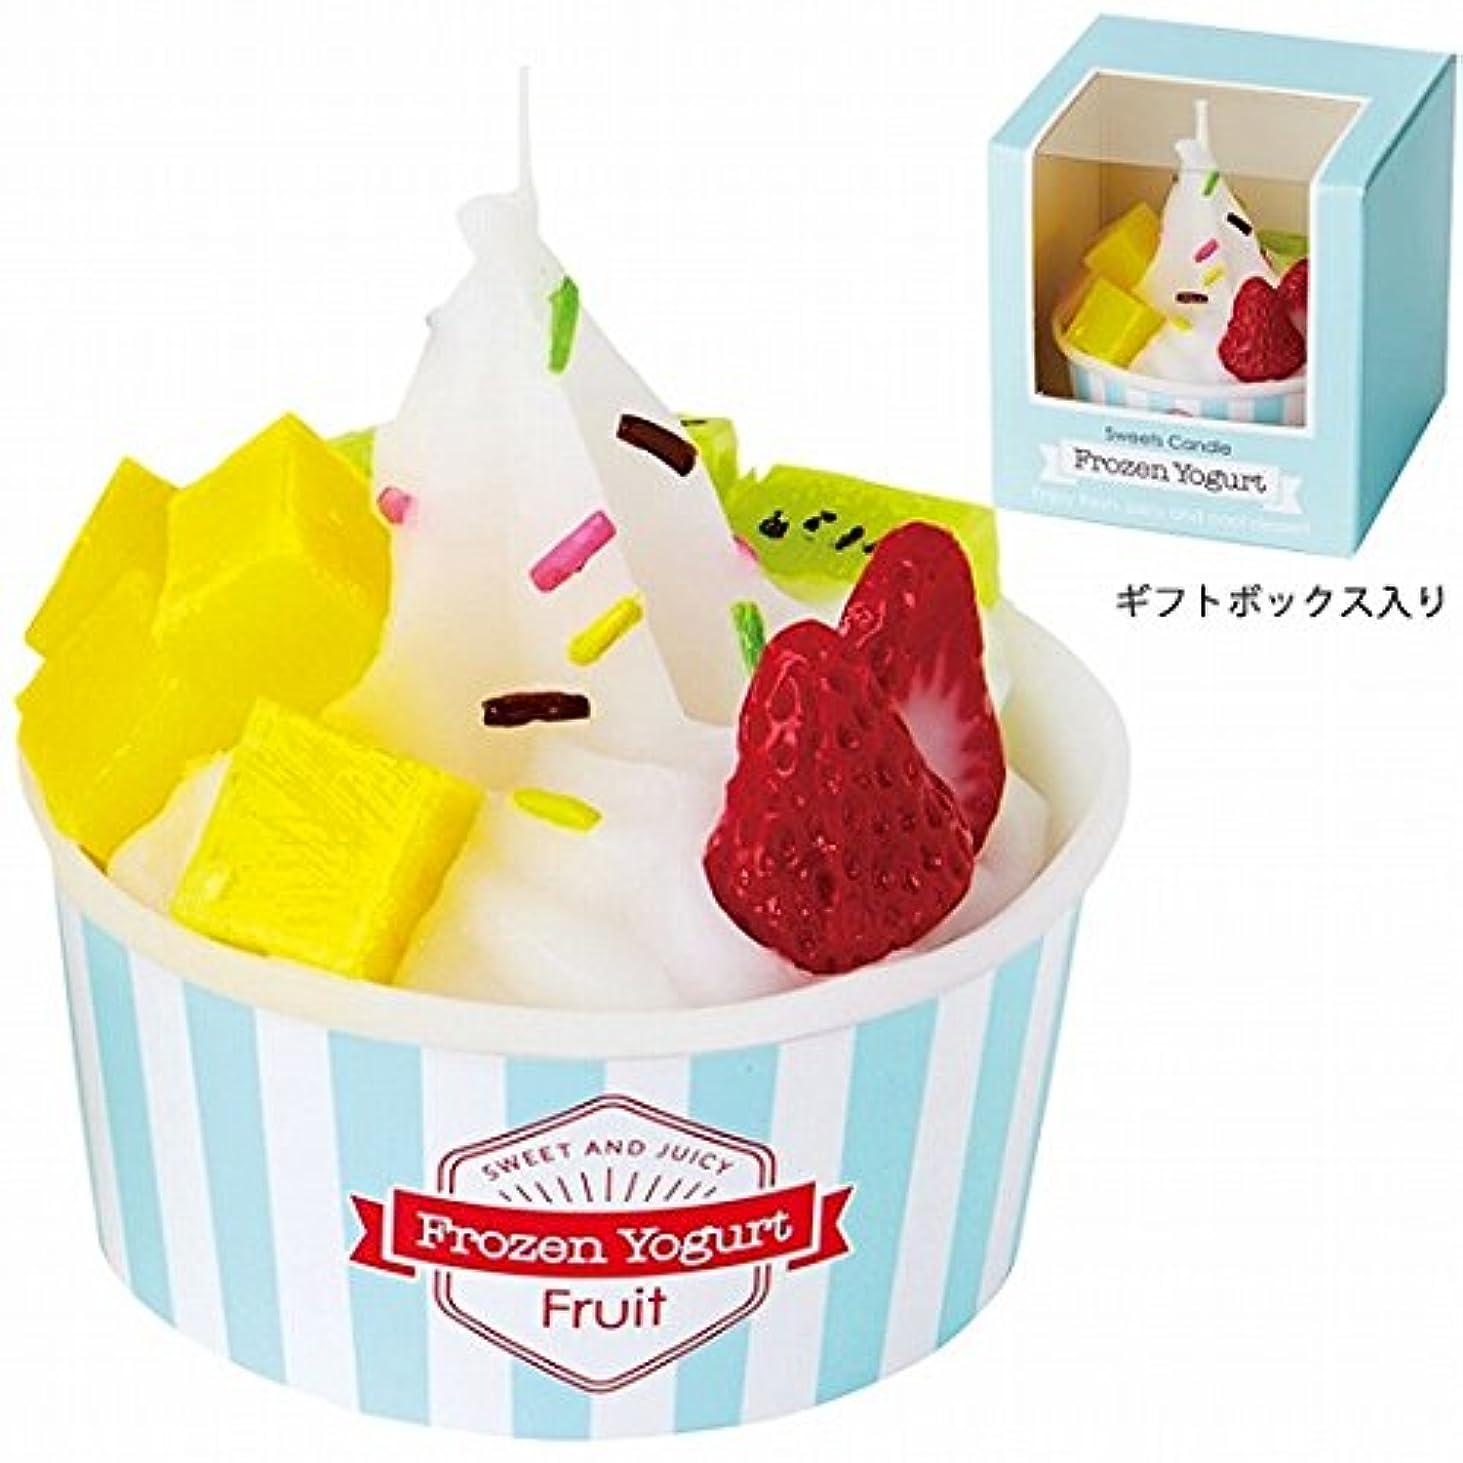 忠誠不健全合図kameyama candle(カメヤマキャンドル) フローズンヨーグルトキャンドル 「フルーツ」 4個セット(A4670520)